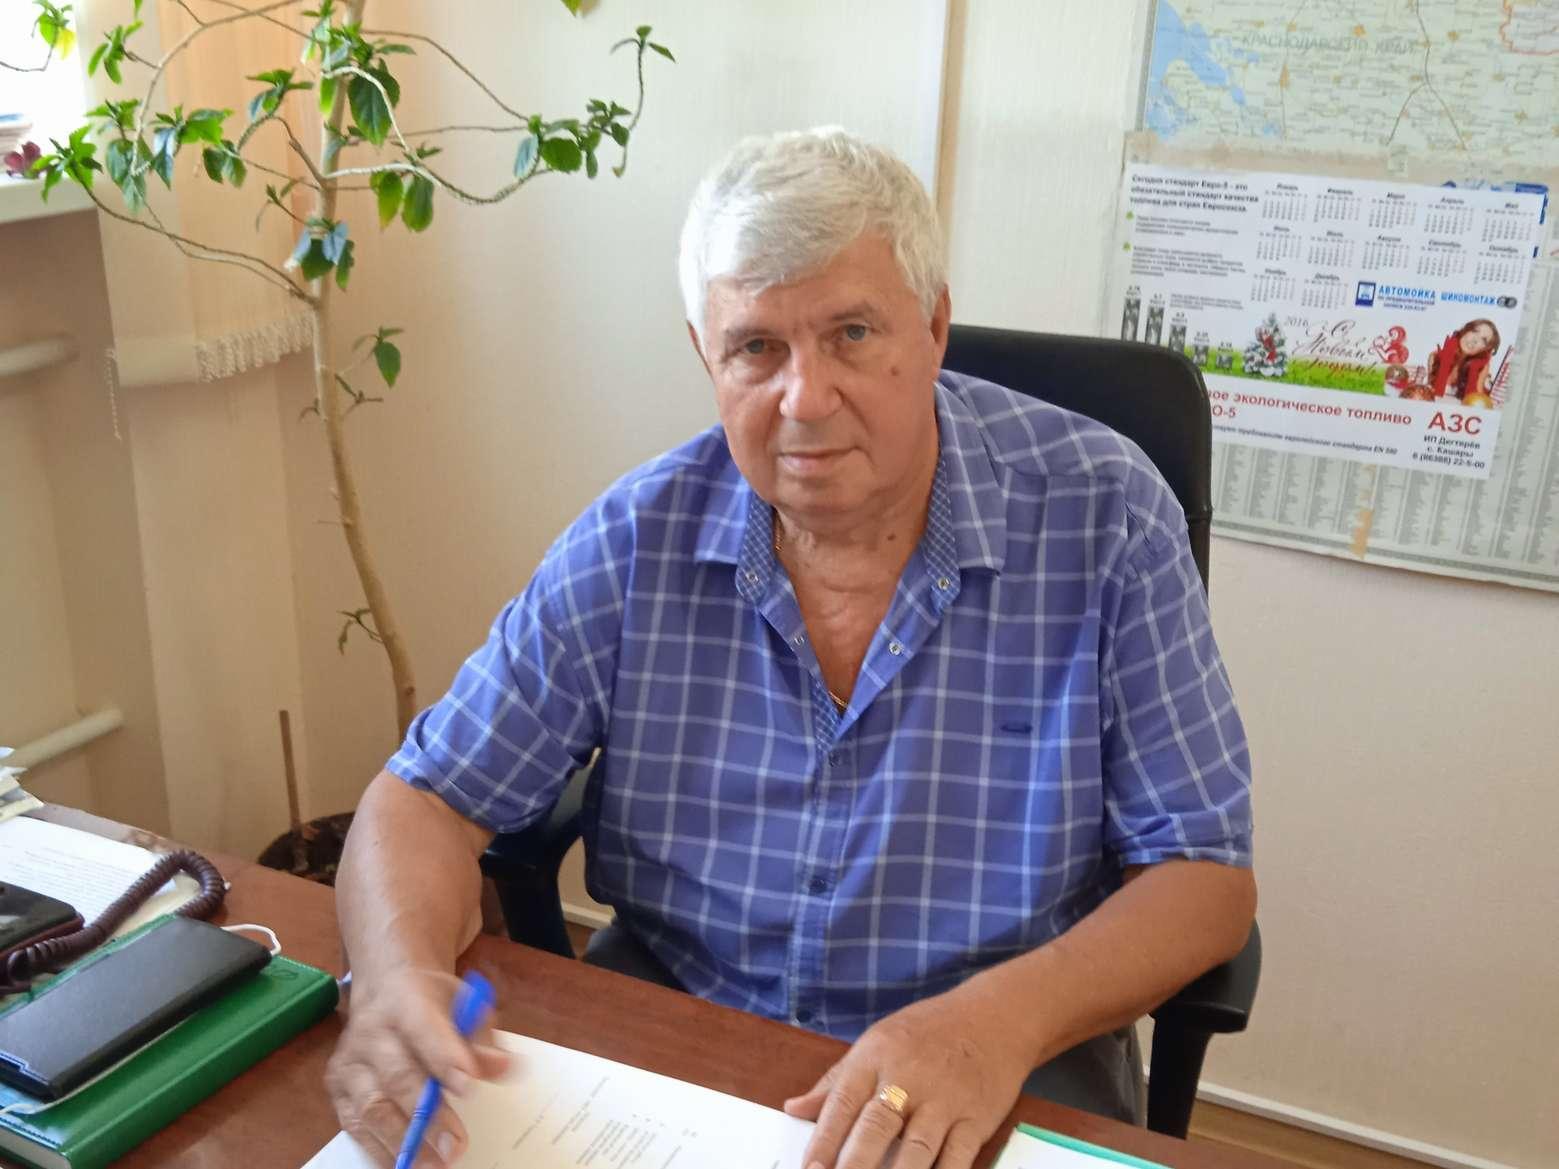 Алексей Андреевич Говорущенко отмечает свой 75-летний юбилей